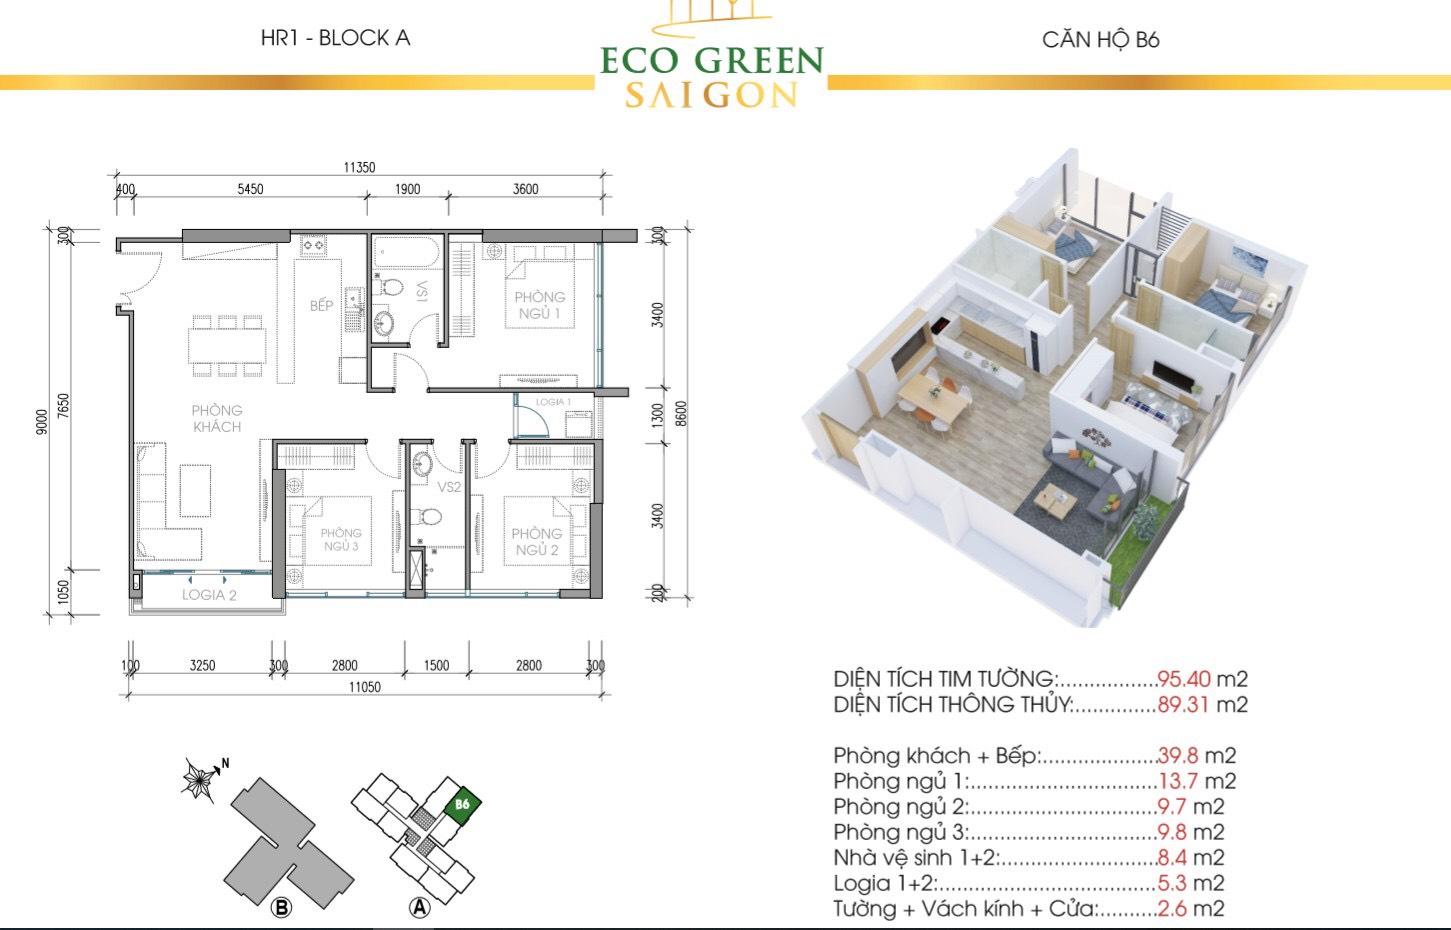 Mẫu thiết kế căn B6 Tòa Hr1 căn hộ Eco Green Saigon